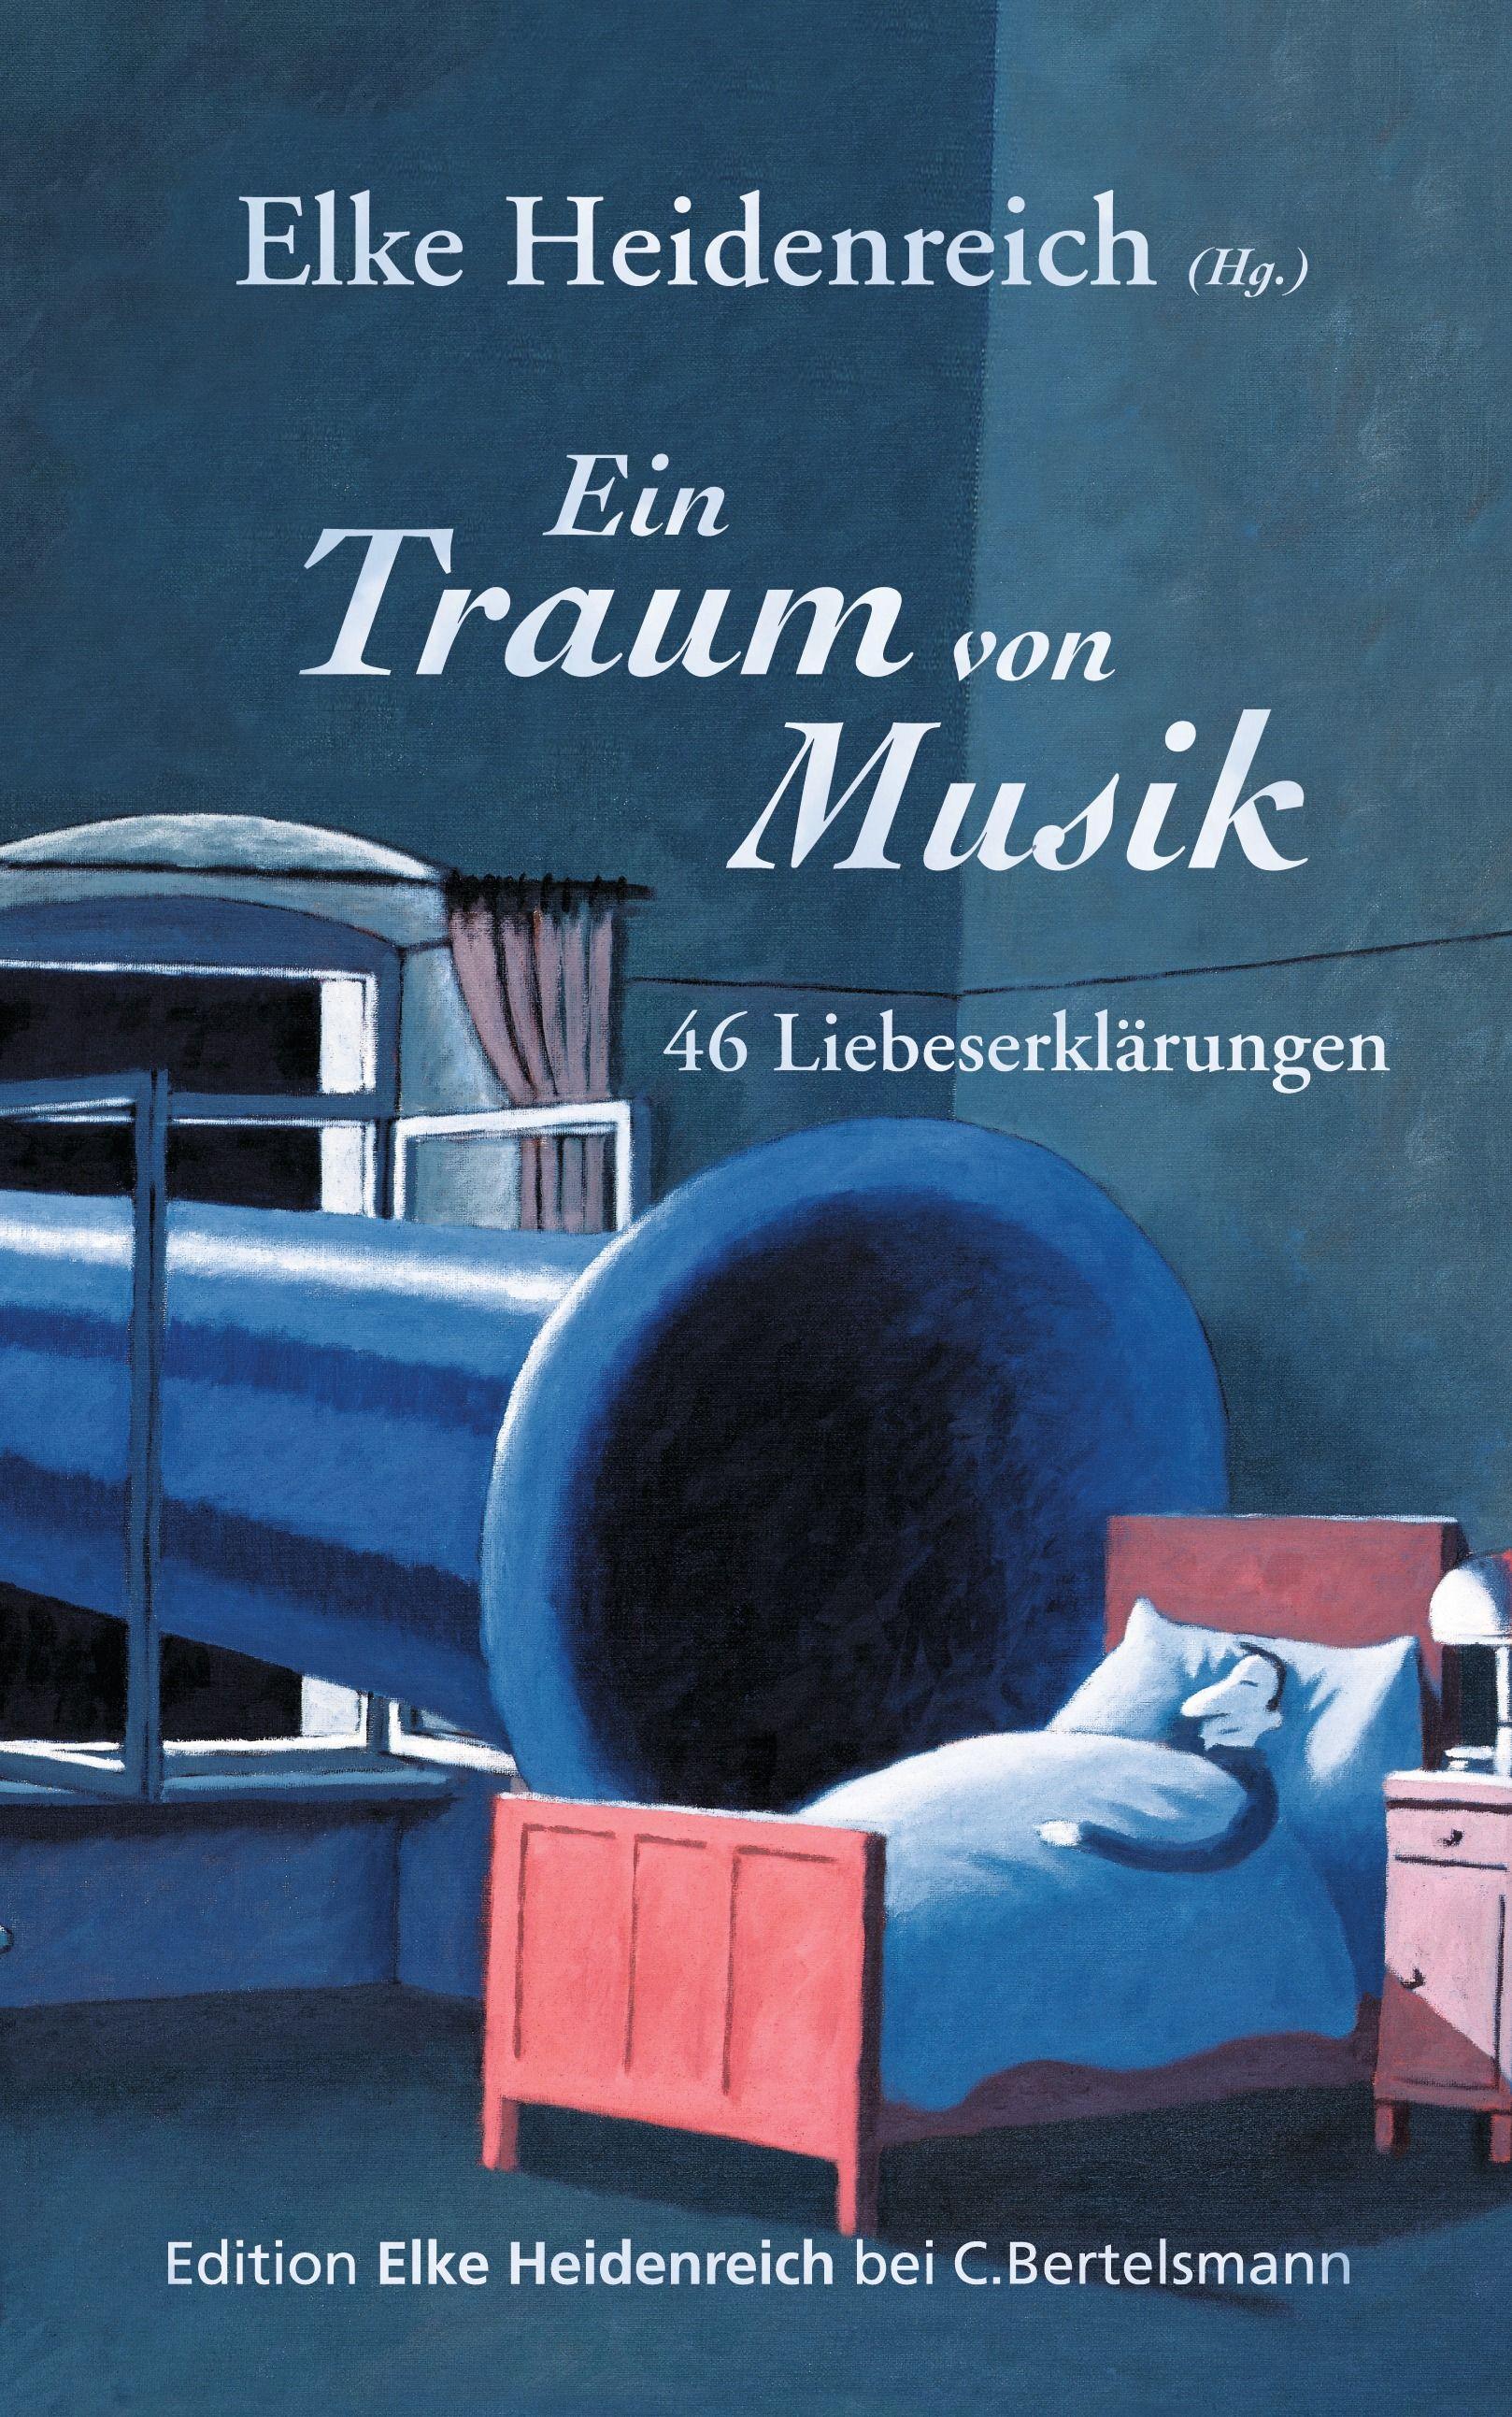 Eine Ganz Besondere Beziehung Eine Buchempfehlung Von Carsten